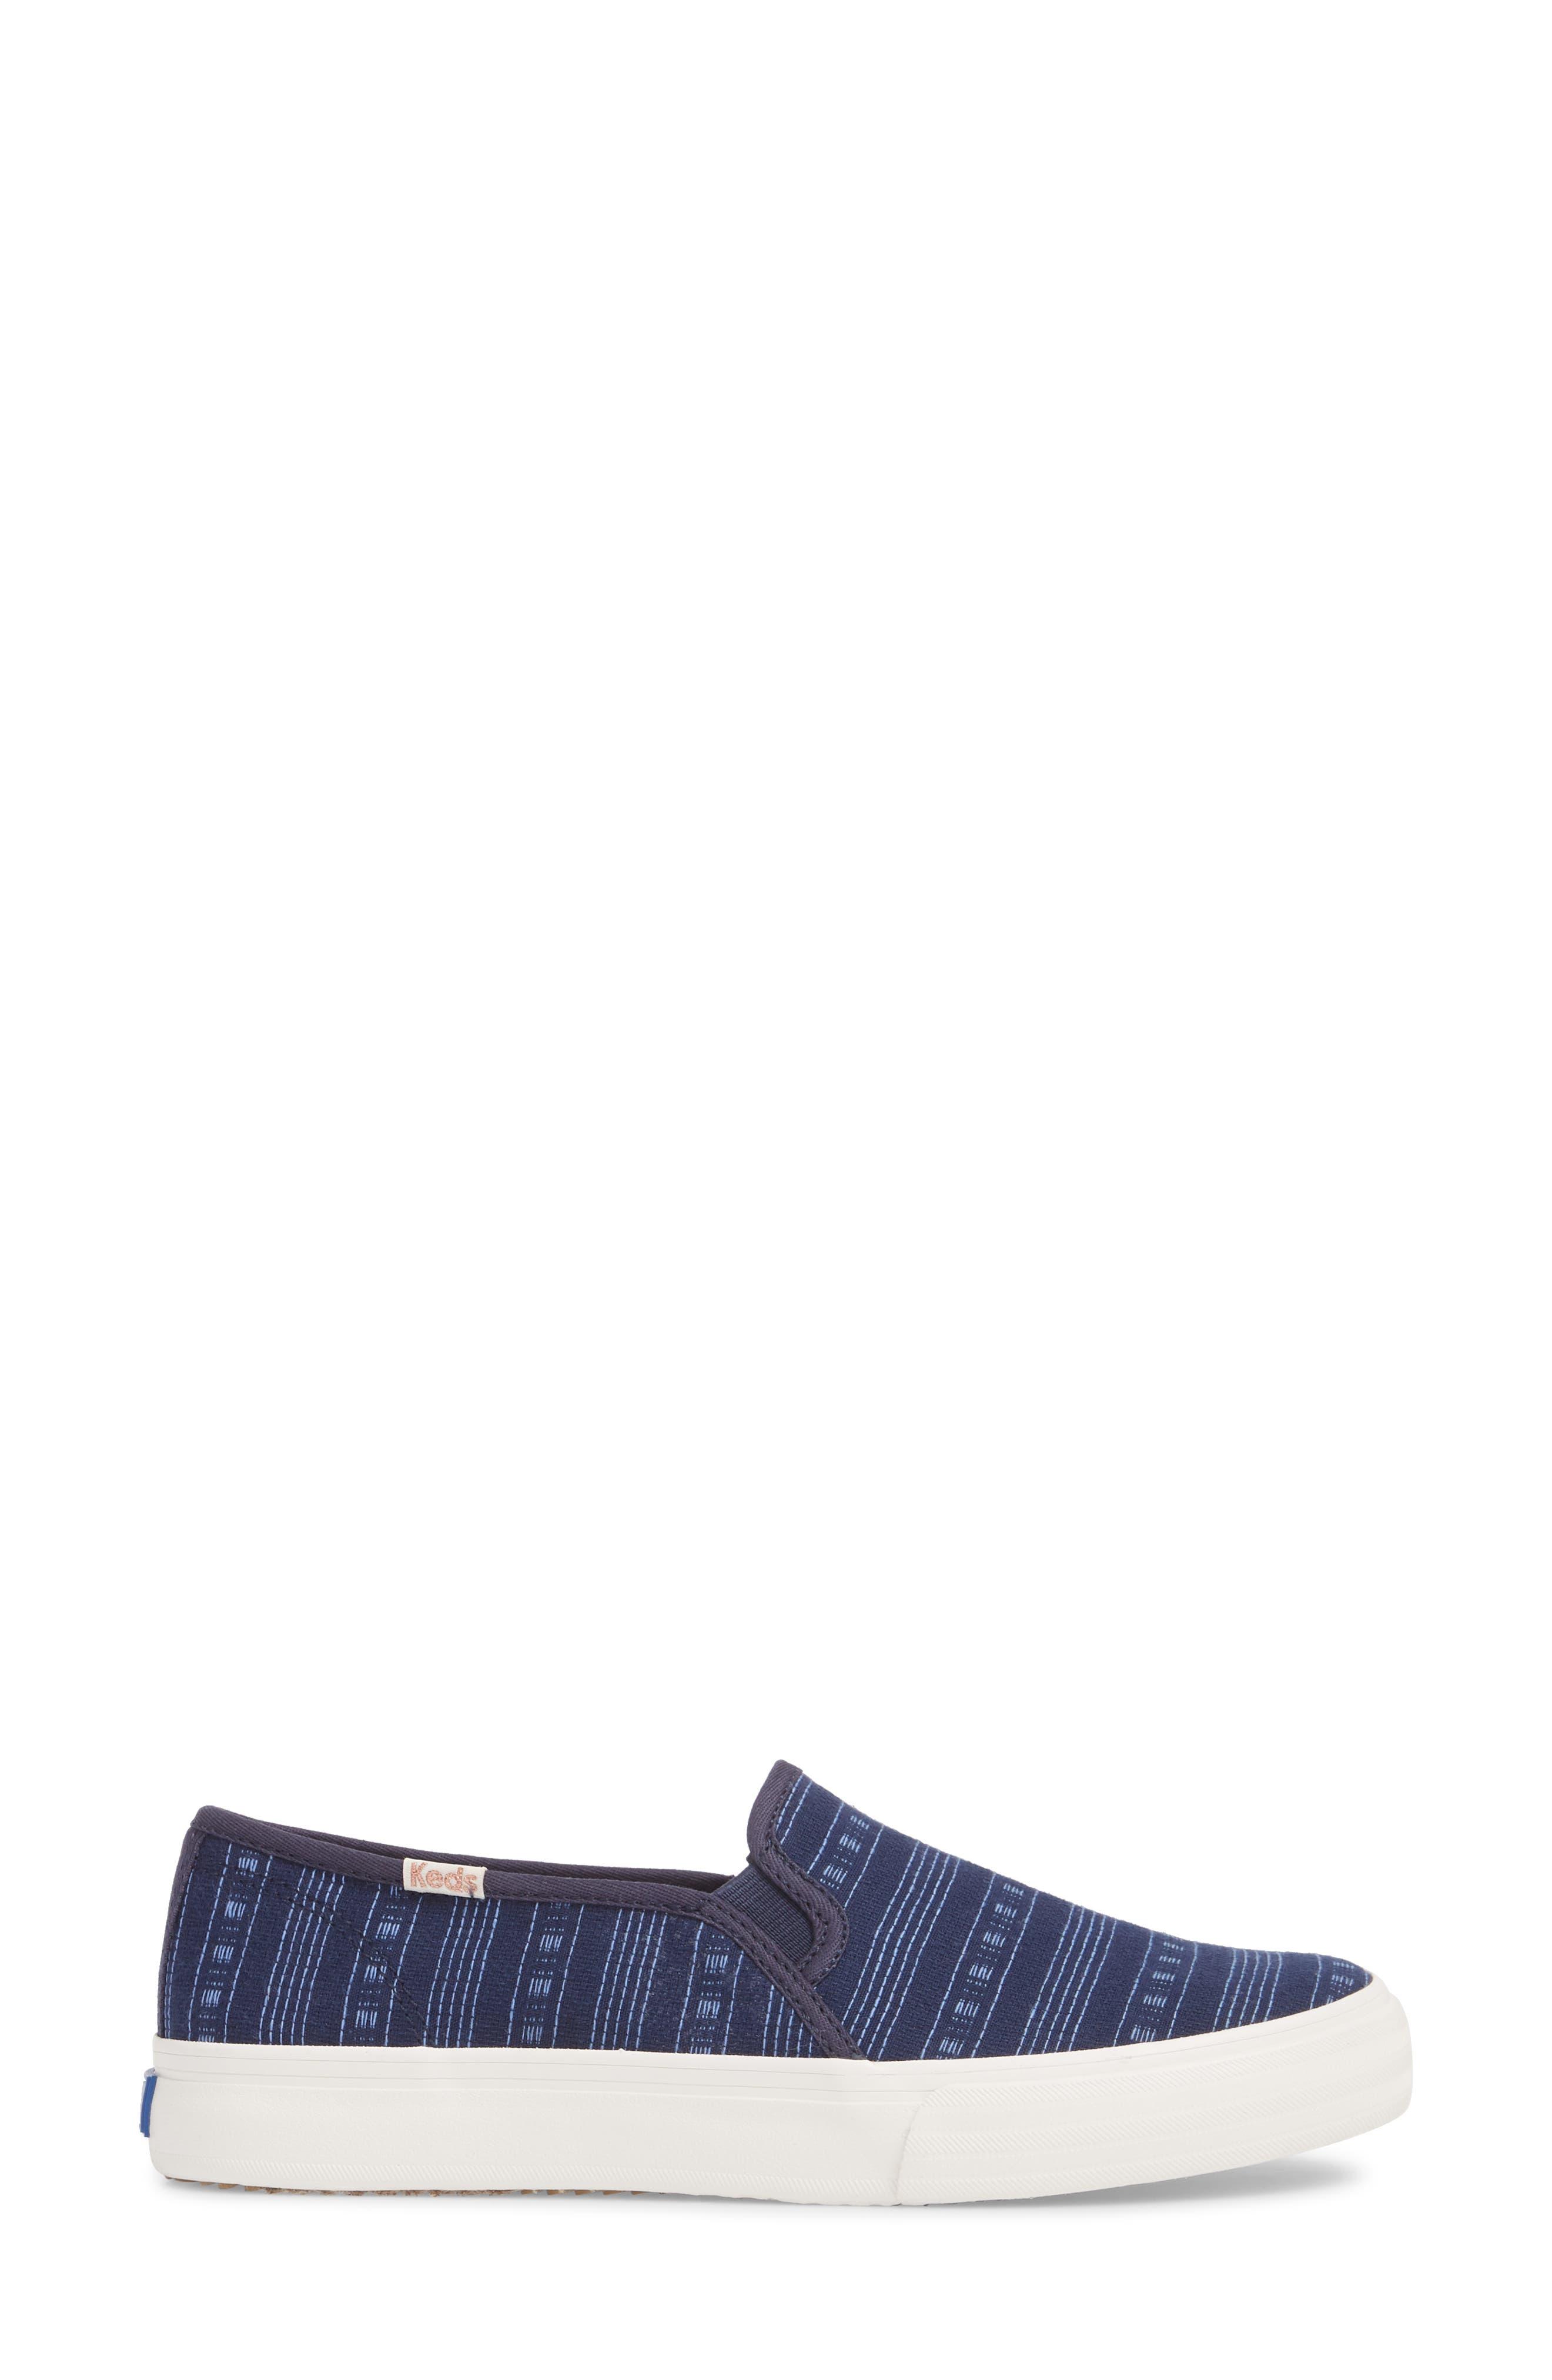 Alternate Image 3  - Keds® Double Decker Summer Stripe Slip-On Sneaker (Women)